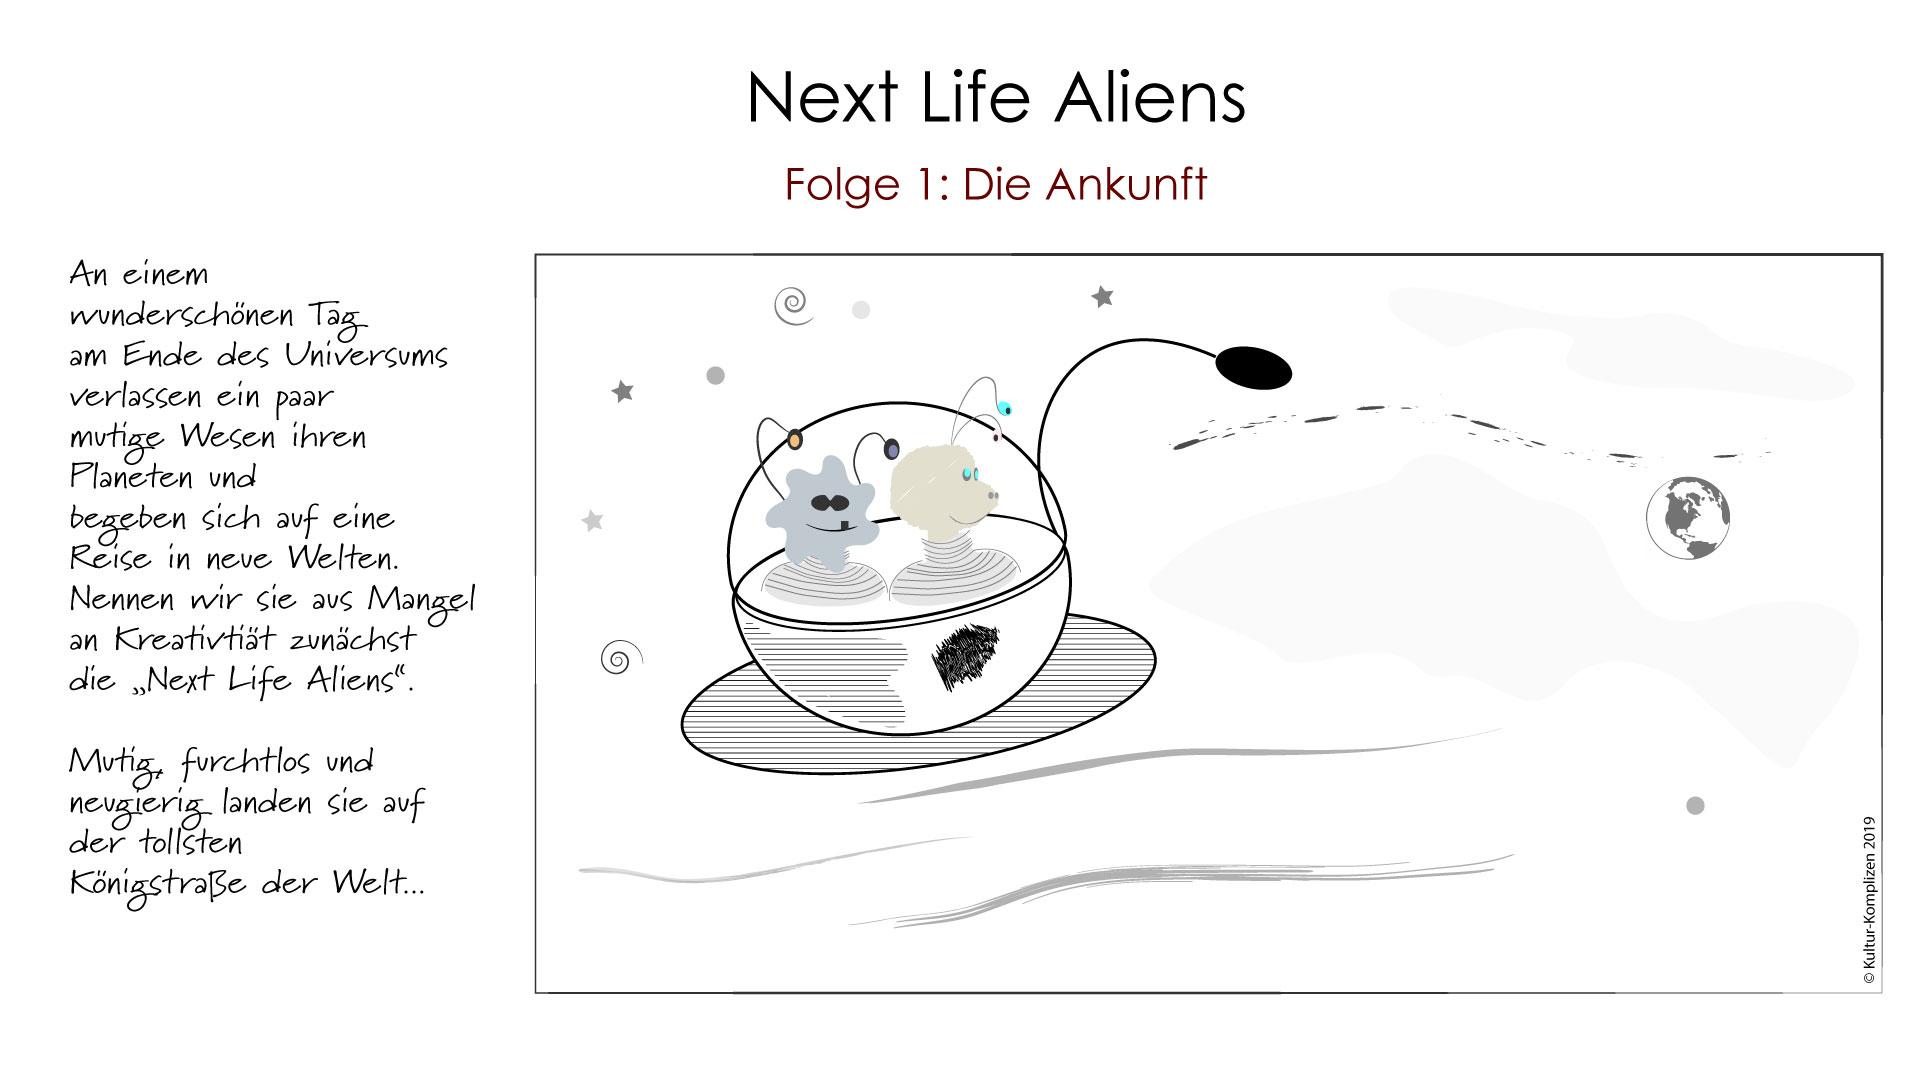 NextLifeAliens-1-1